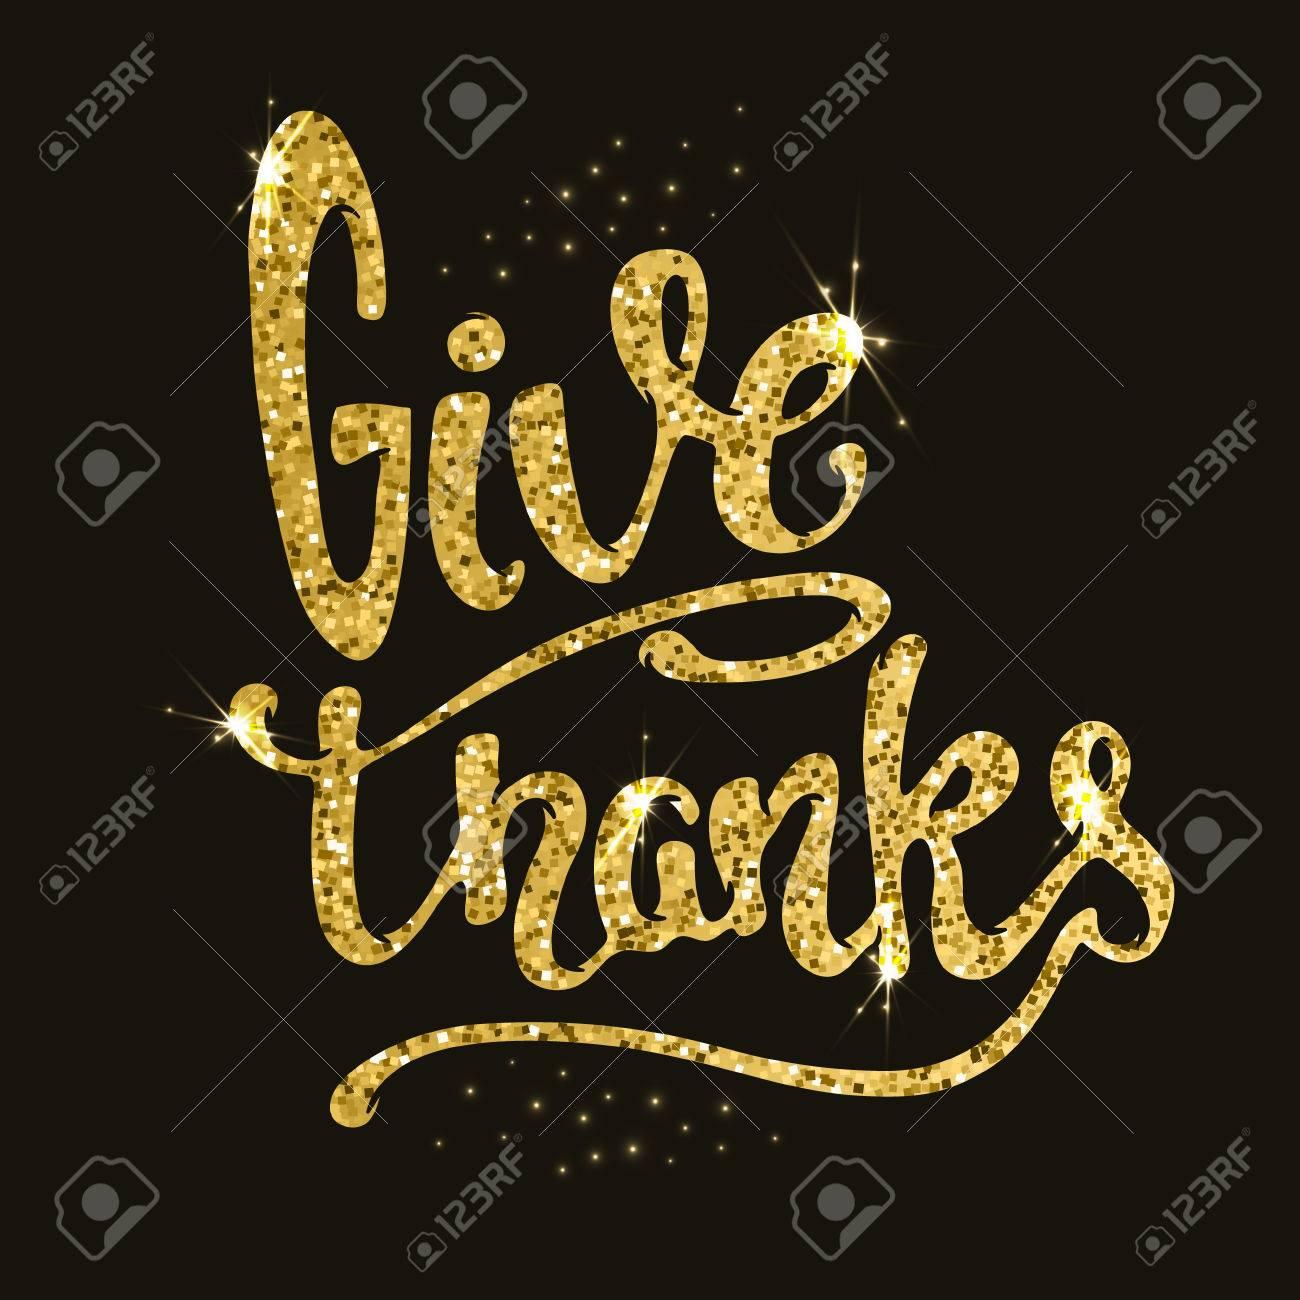 Dar Gracias Dibujado A Mano La Frase En El Estilo De Oro Con Destellos Ilustración Del Vector